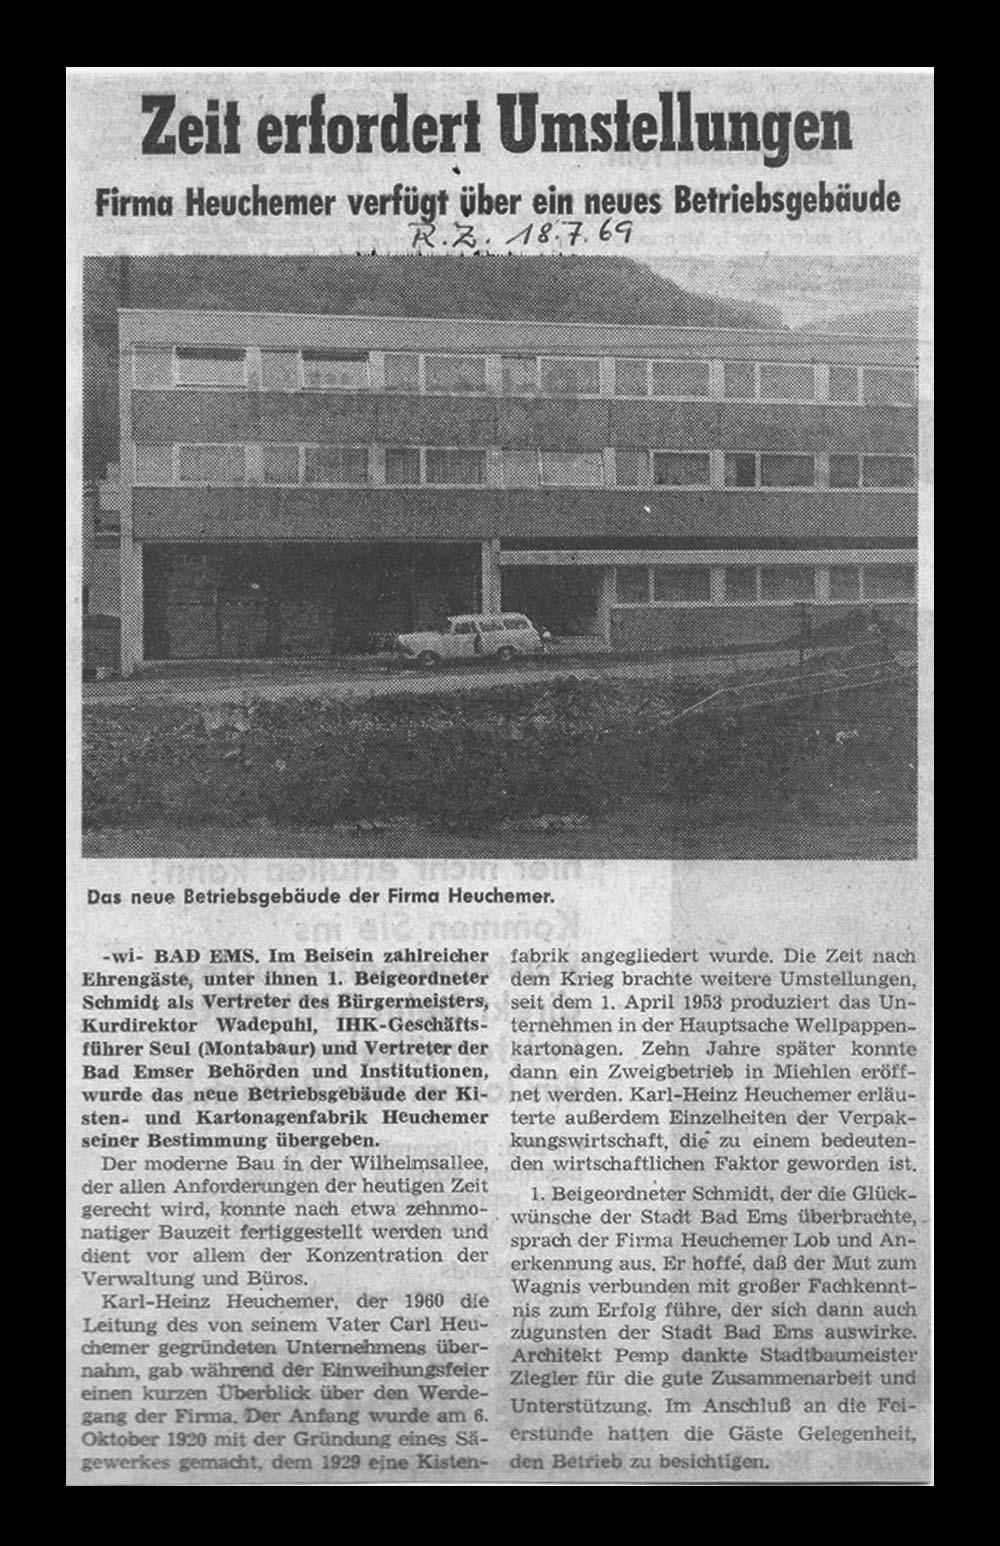 HEUCHEMER VERPACKUNG || Zeitungsausschnitt Rhein-Zeitung 18.07.1969 - Neues Betriebsgebäude Bad Ems